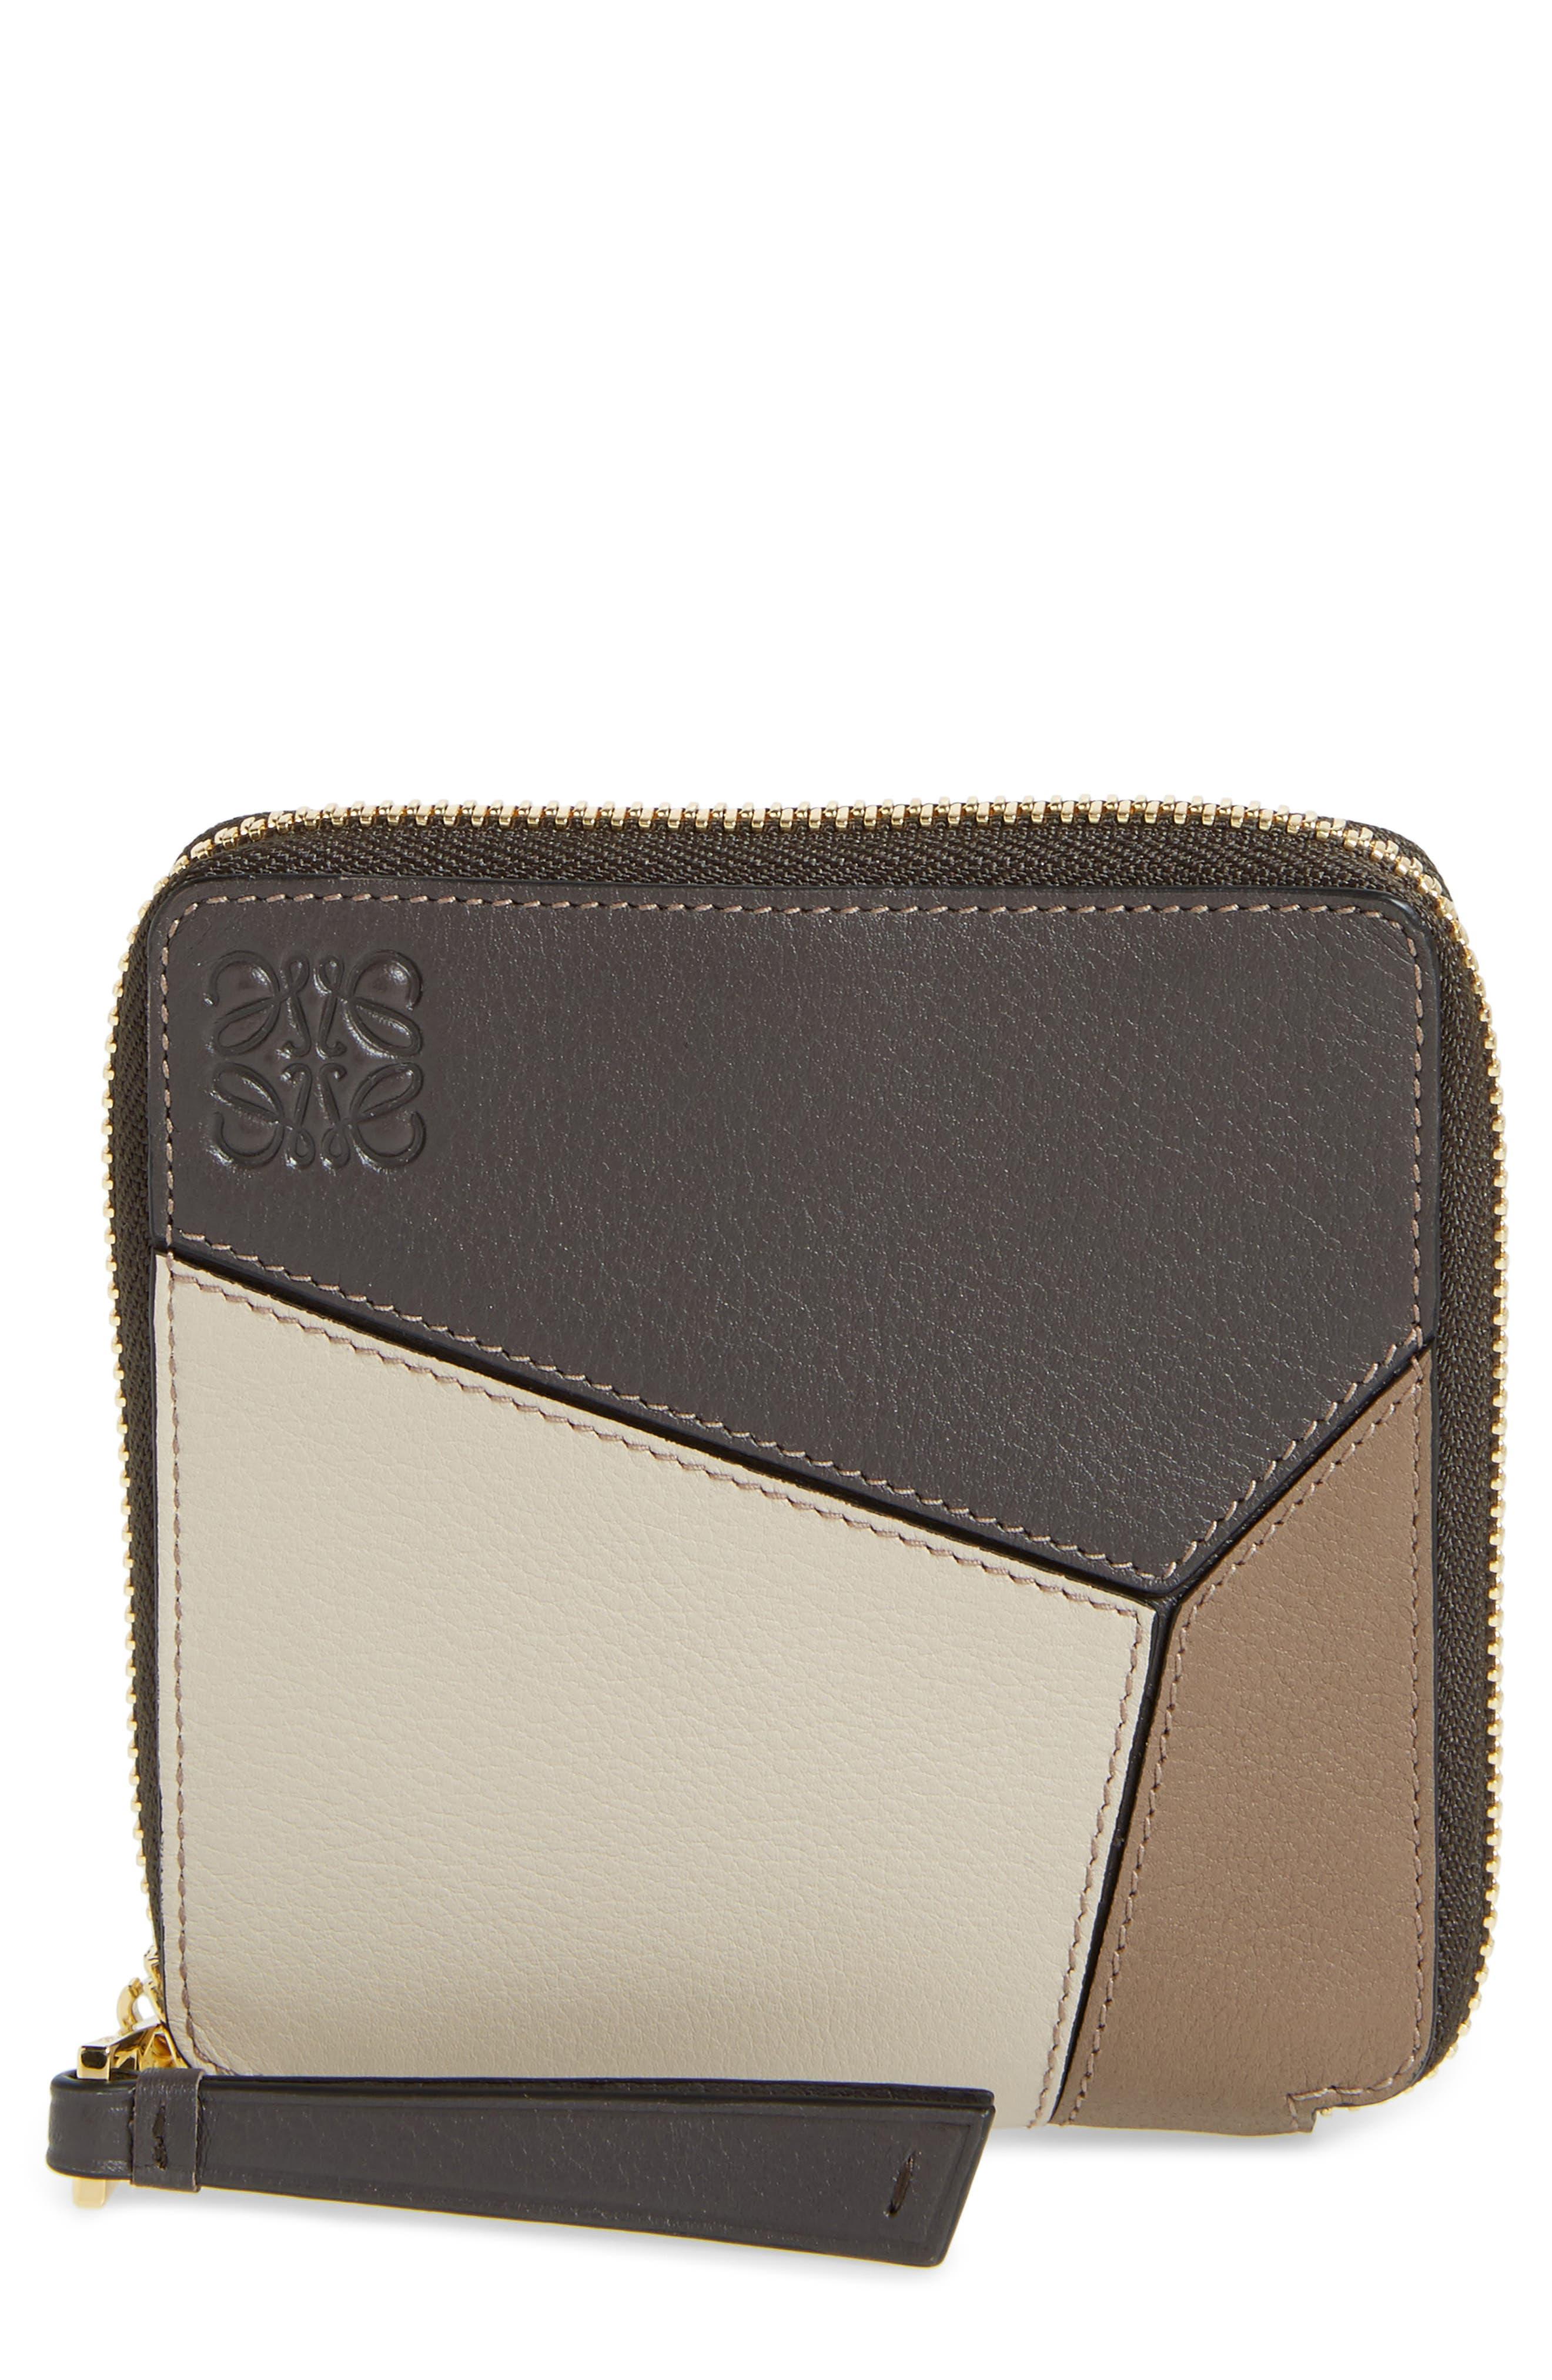 Leather Zip Around Wallet - Little Ivy by VIDA VIDA viT8h